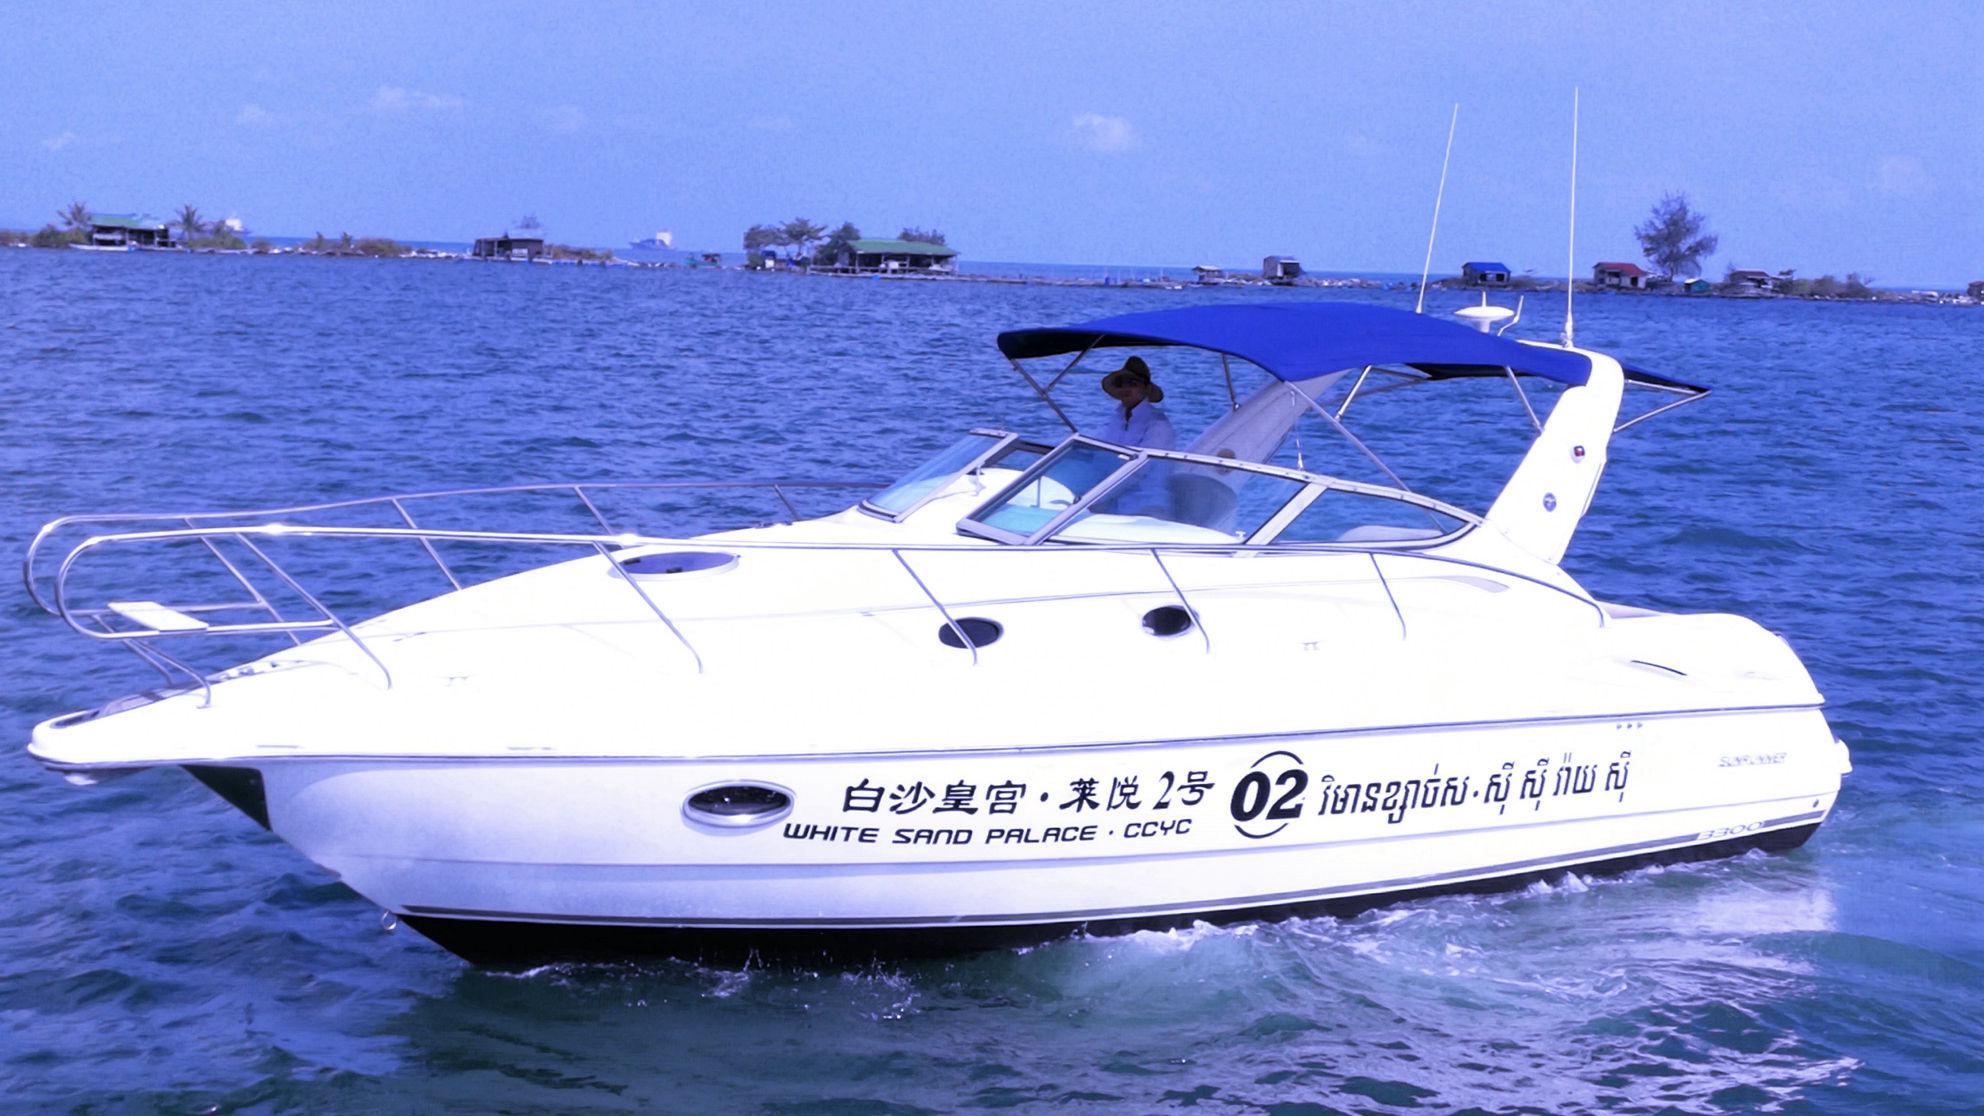 莱悦2号豪华游艇出海